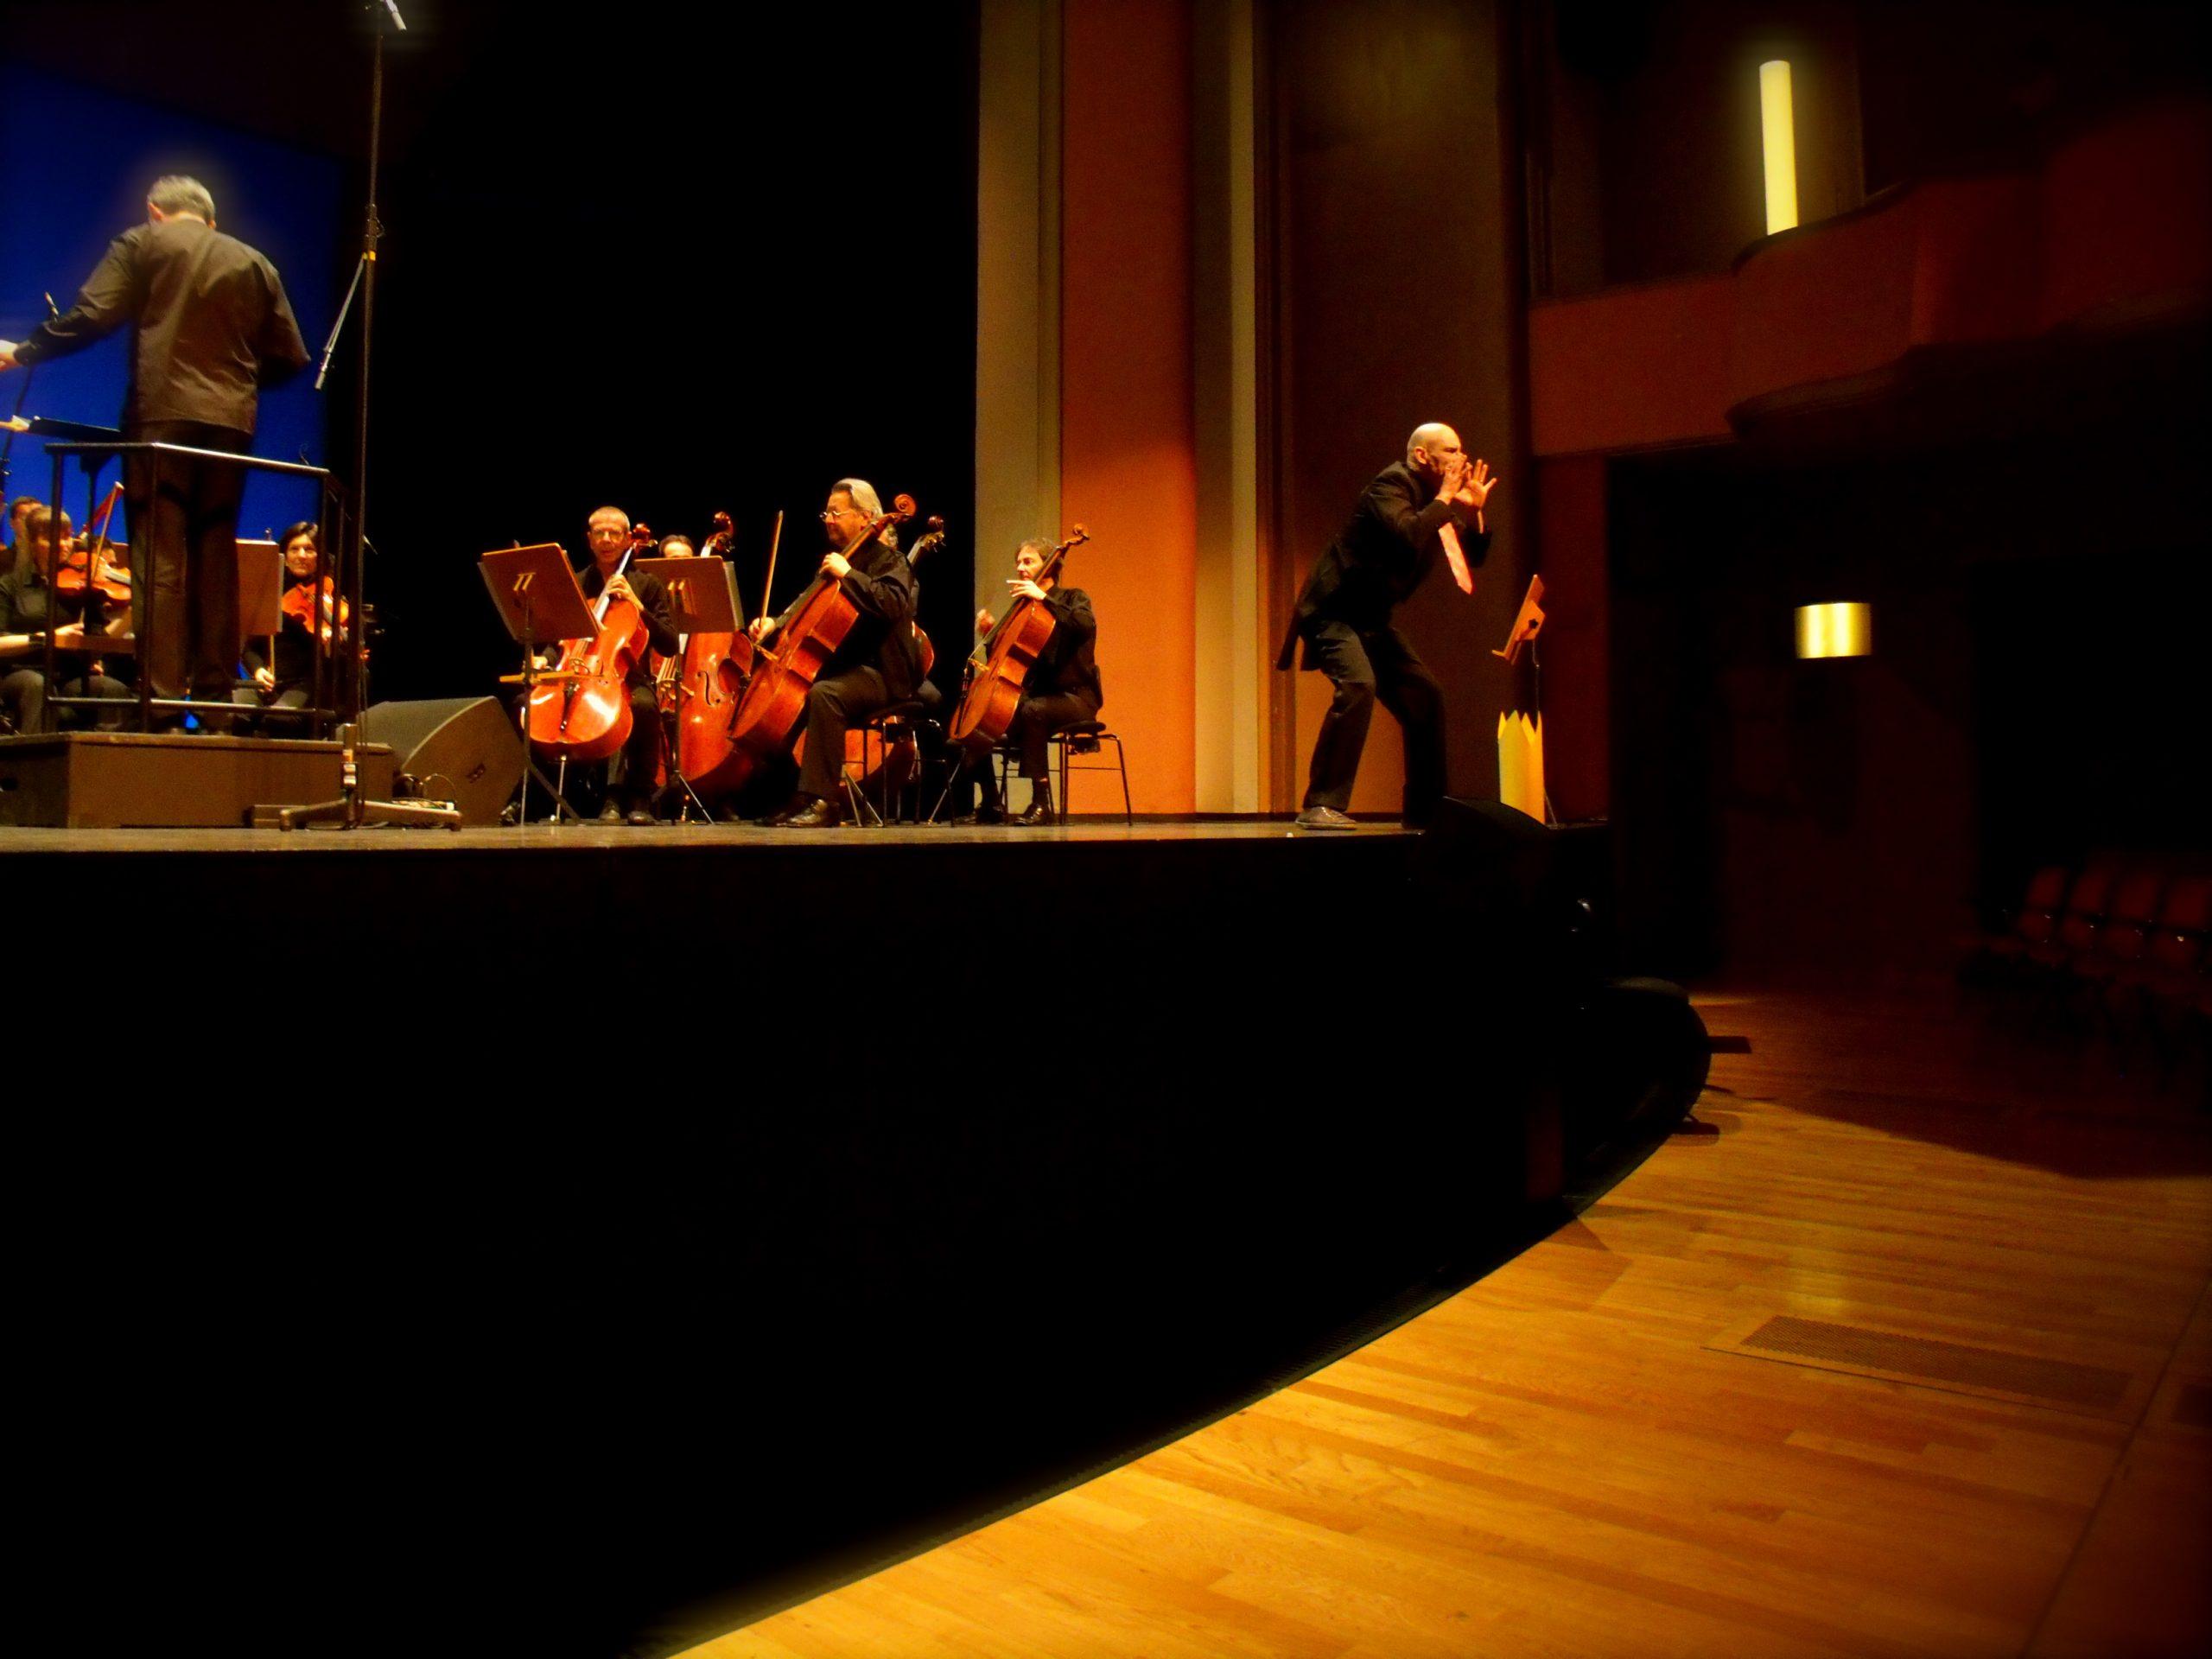 Robert Clerc Alice et les sortilèges 2012 Salle Metropole OCL